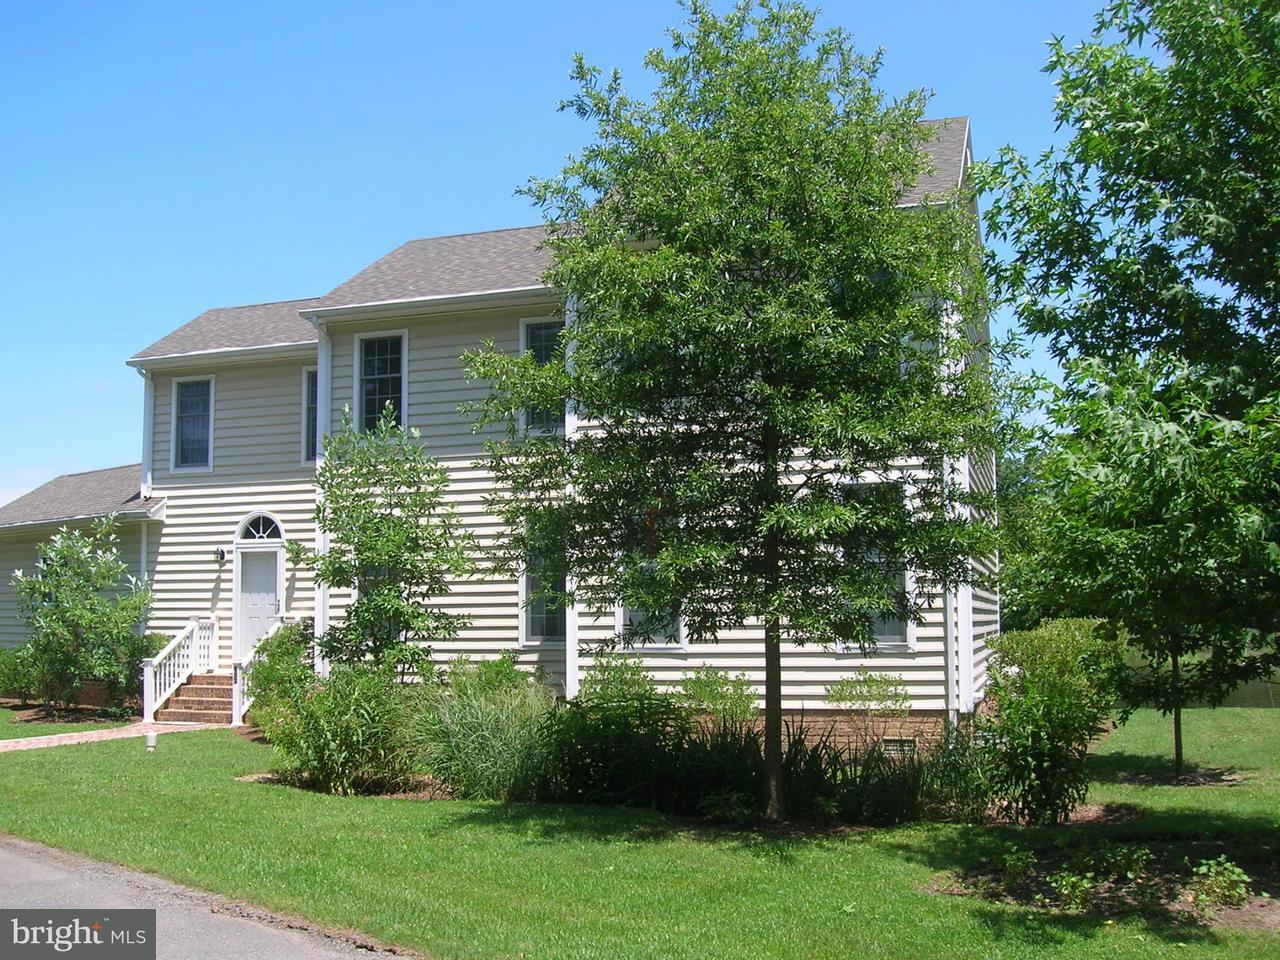 Maison unifamiliale pour l Vente à 603 RADCLIFFE Avenue 603 RADCLIFFE Avenue St. Michaels, Maryland 21663 États-Unis